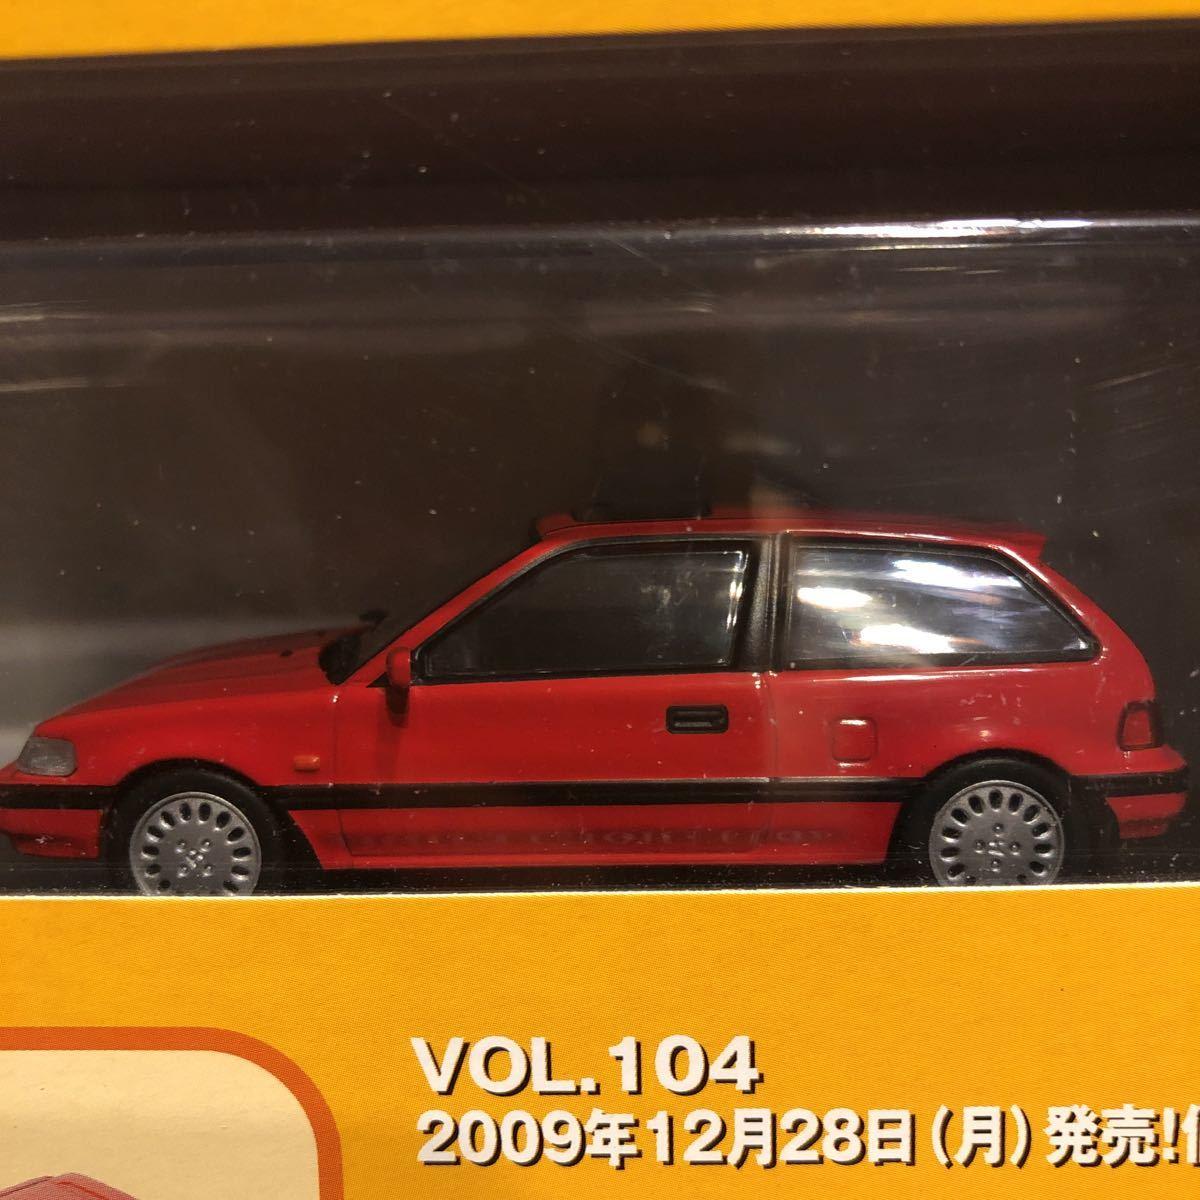 国産名車コレクション VOL.103 1/43 HONDA Civic 1987年 ホンダ シビック 赤色 レッド ミニカー モデルカー 旧車_画像5